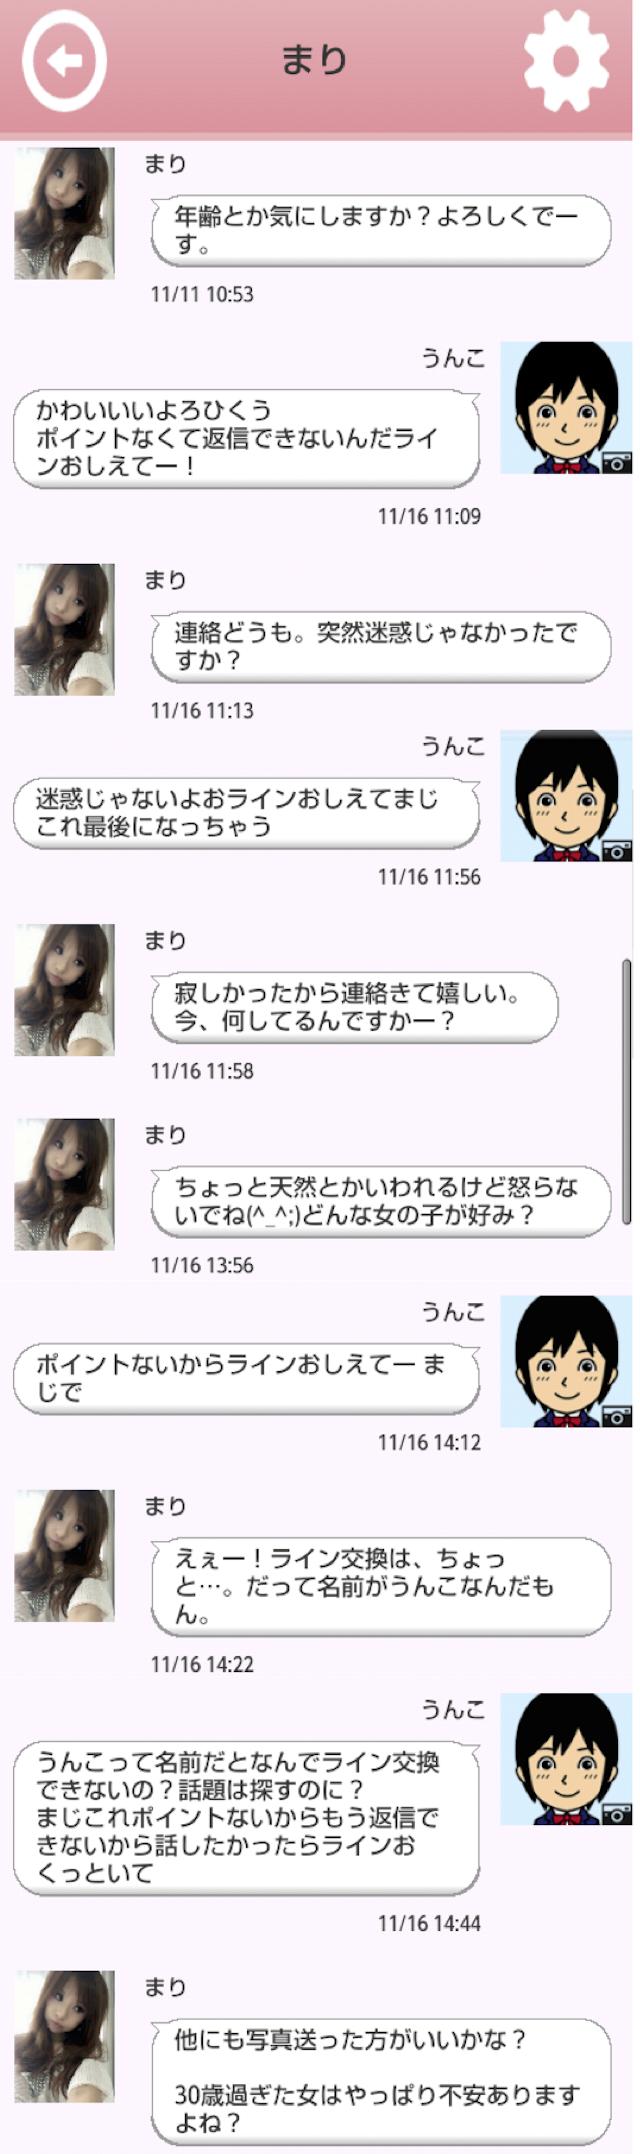 HAPPYチャット_アプリ4